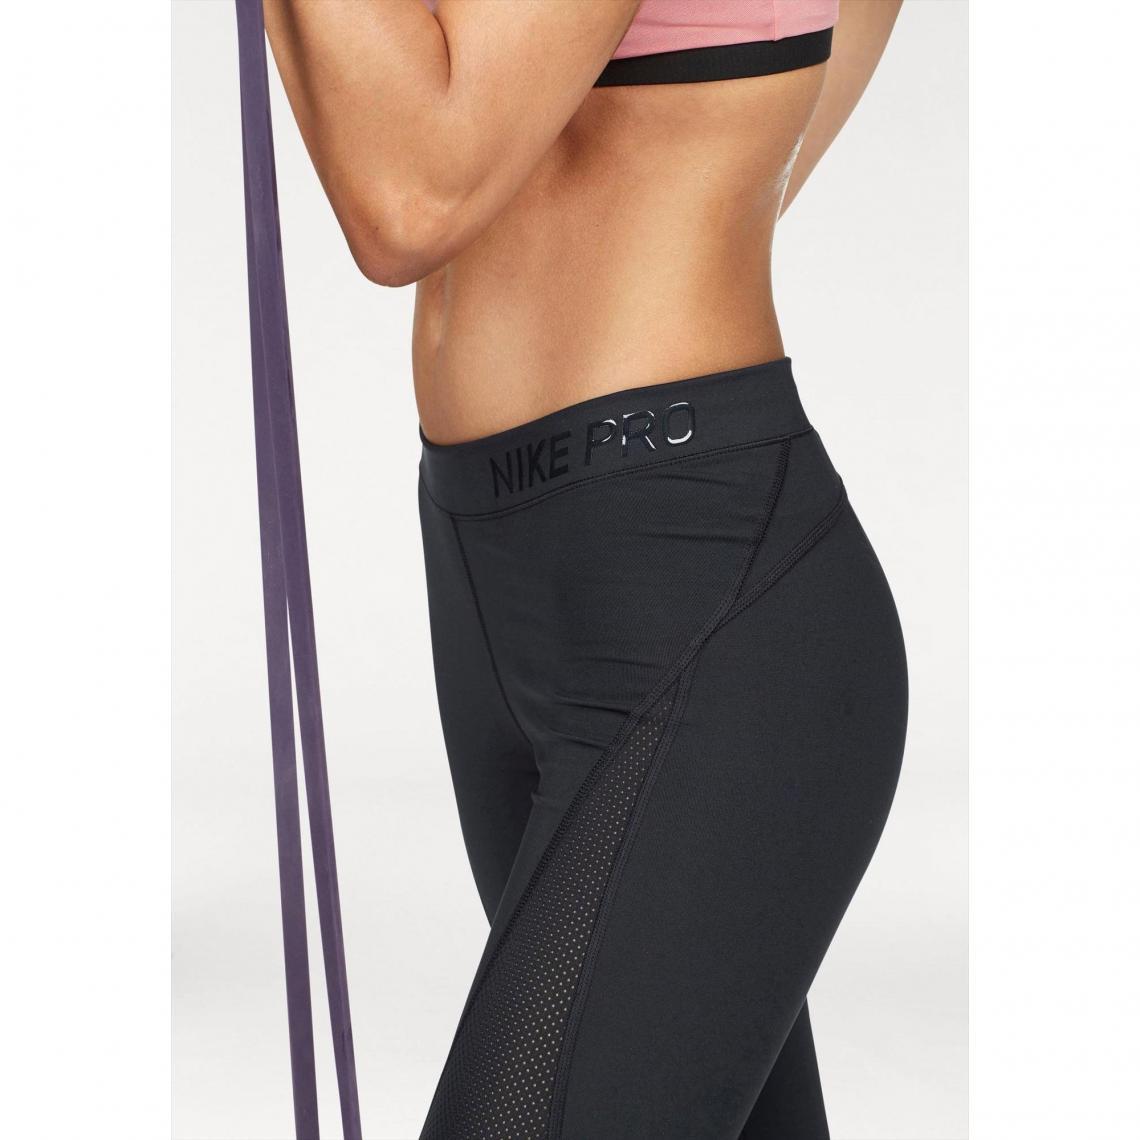 34 femme SUISSES Collants Nike Noir3 kiOPXZu